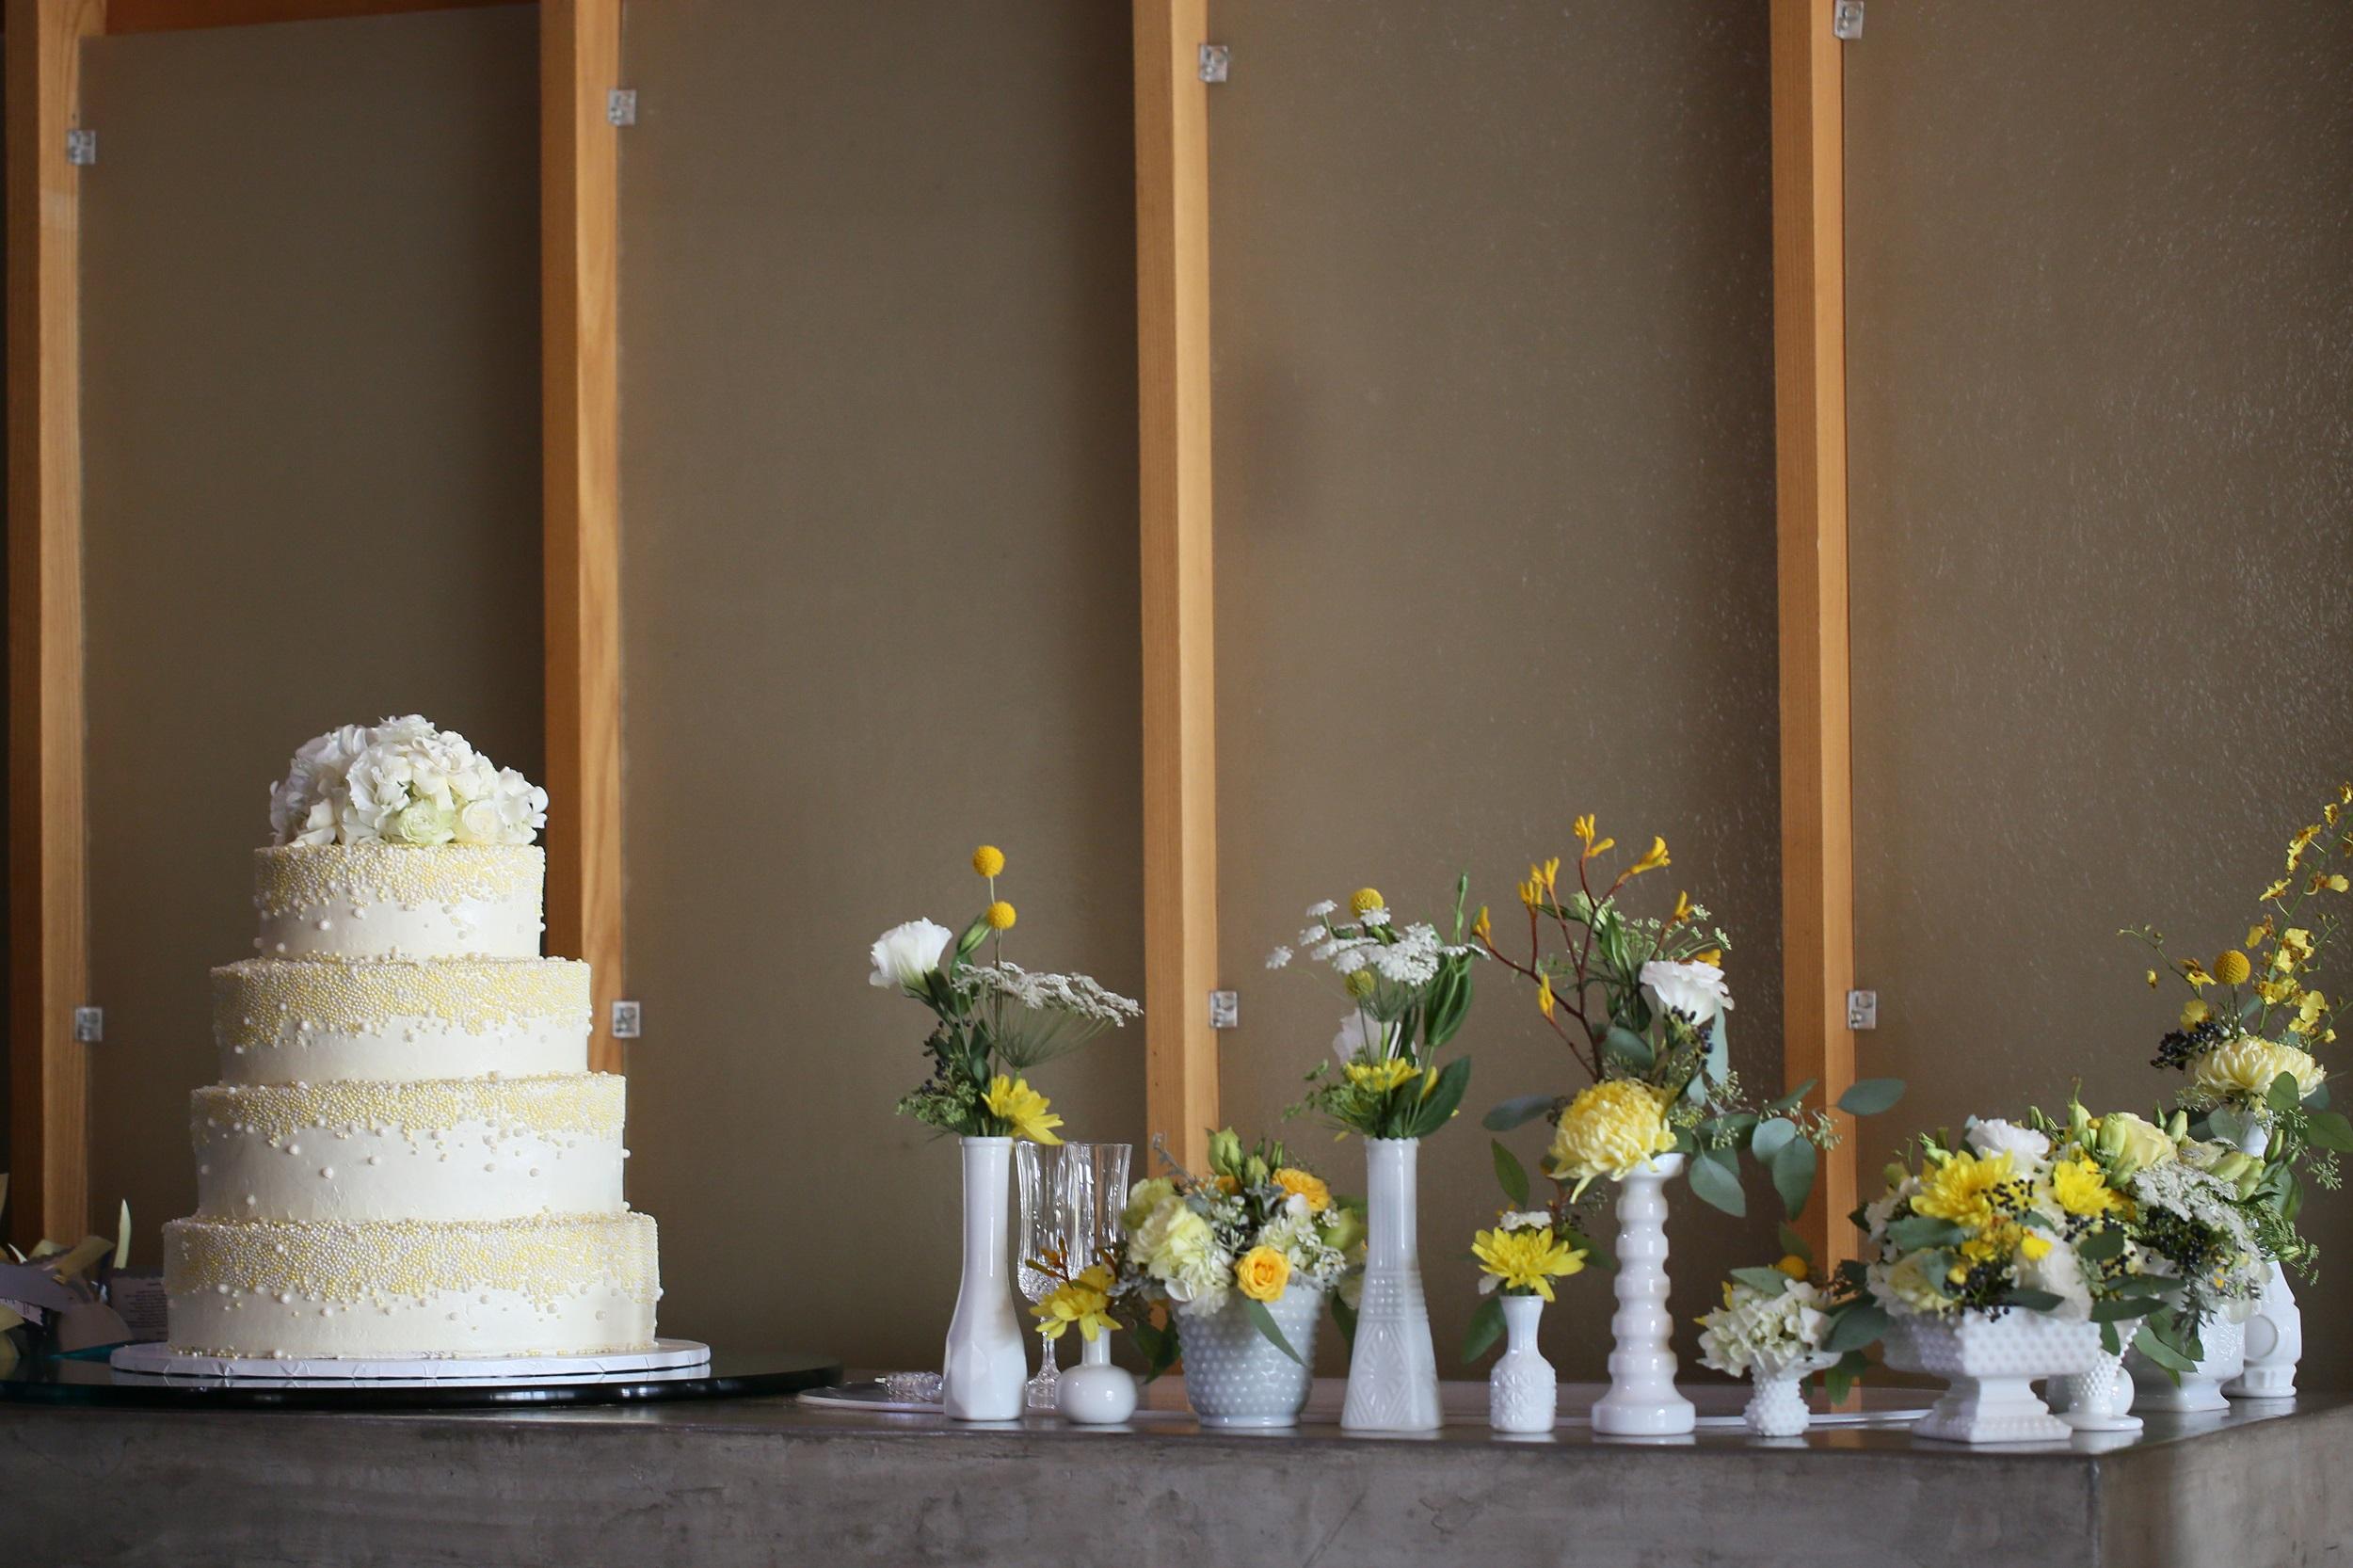 berg cake